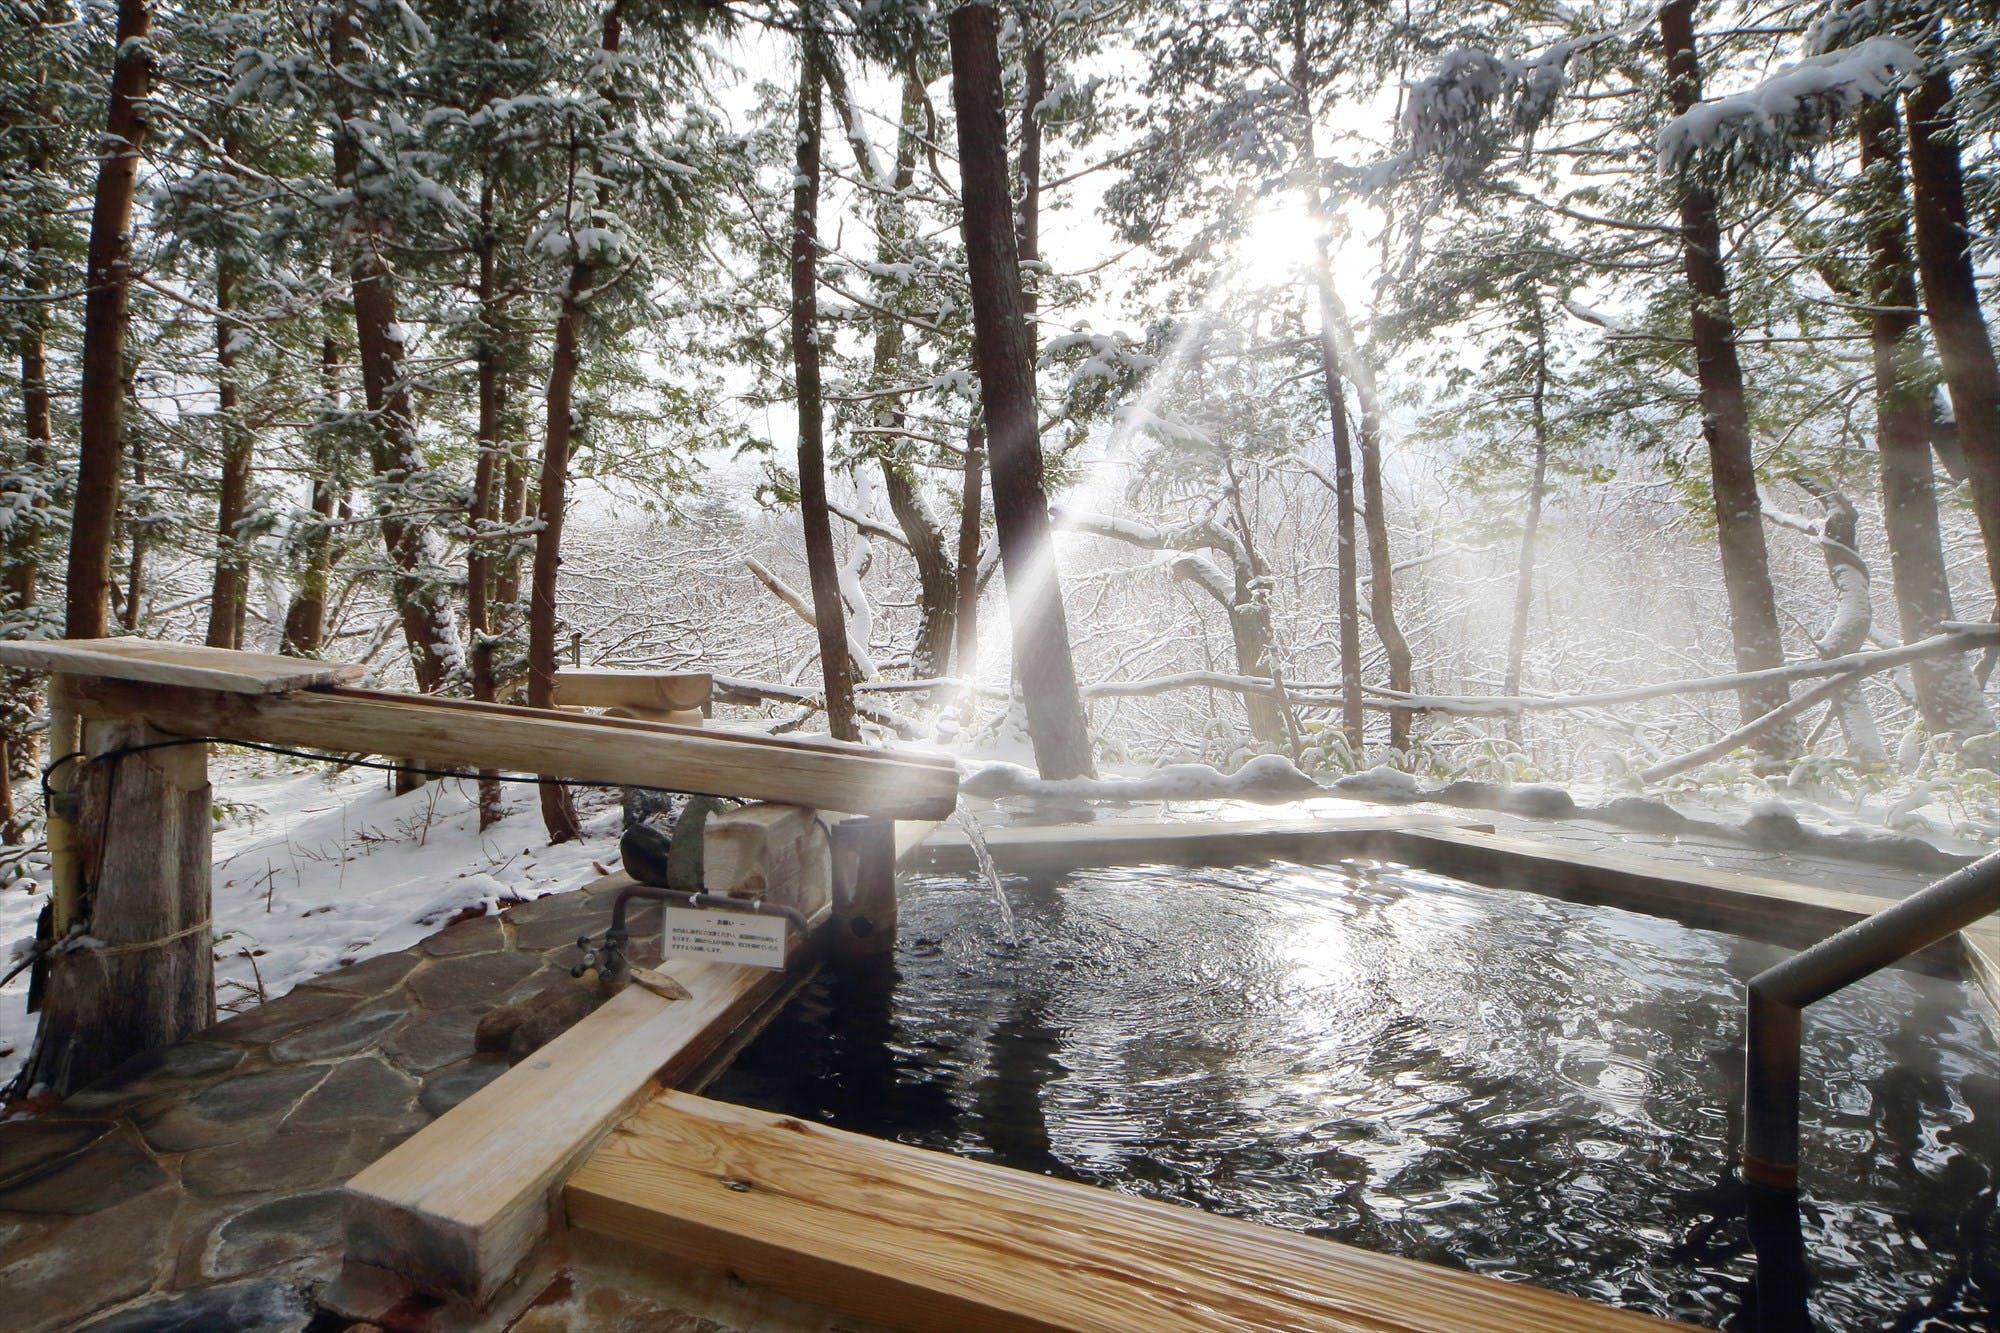 客室露天風呂で雪見温泉が愉しめる宿(東北・北関東編)